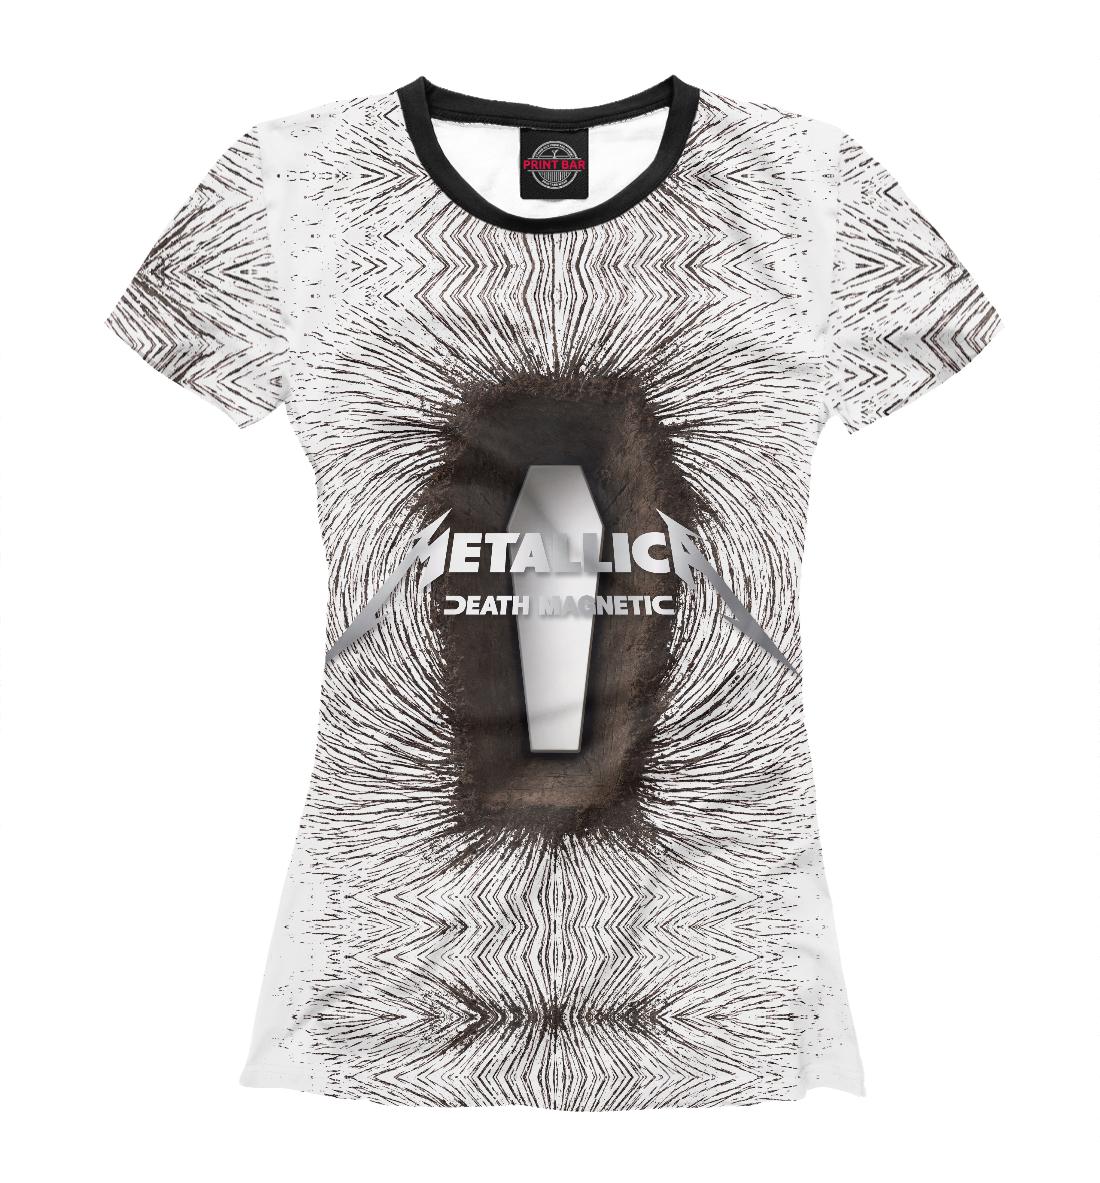 Купить Metallica Death Magnetic, Printbar, Футболки, MET-242597-fut-1